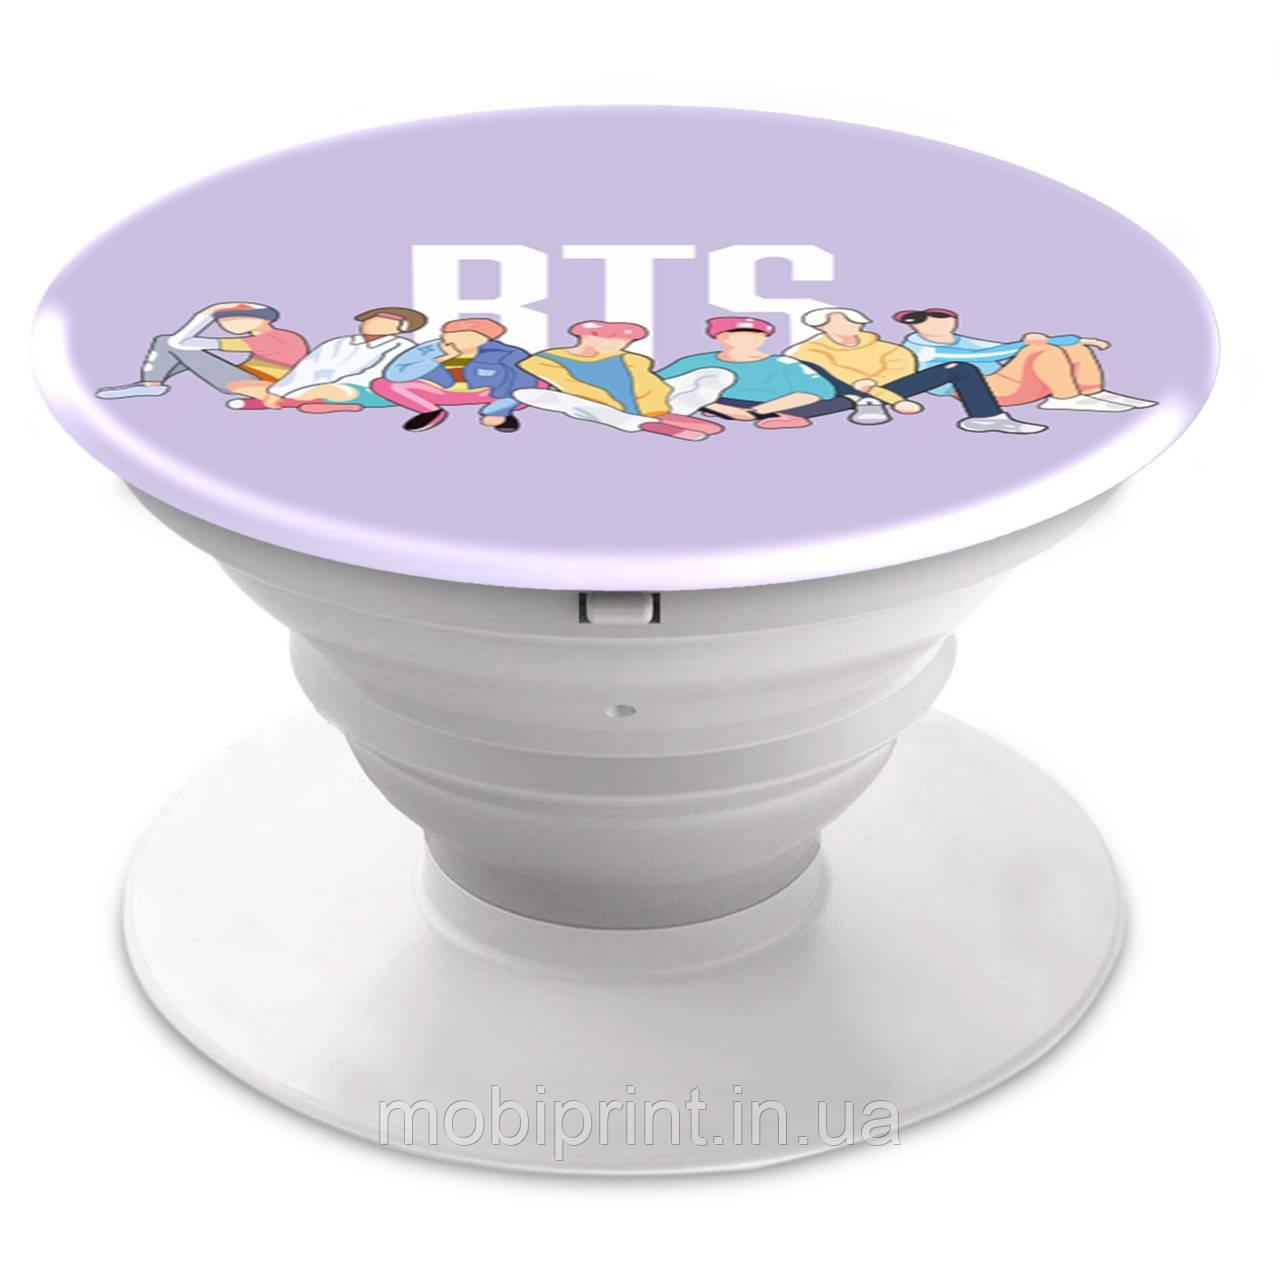 Попсокет (Popsockets) держатель для смартфона группы BTS (БТС) Белый (8754-1061-2)